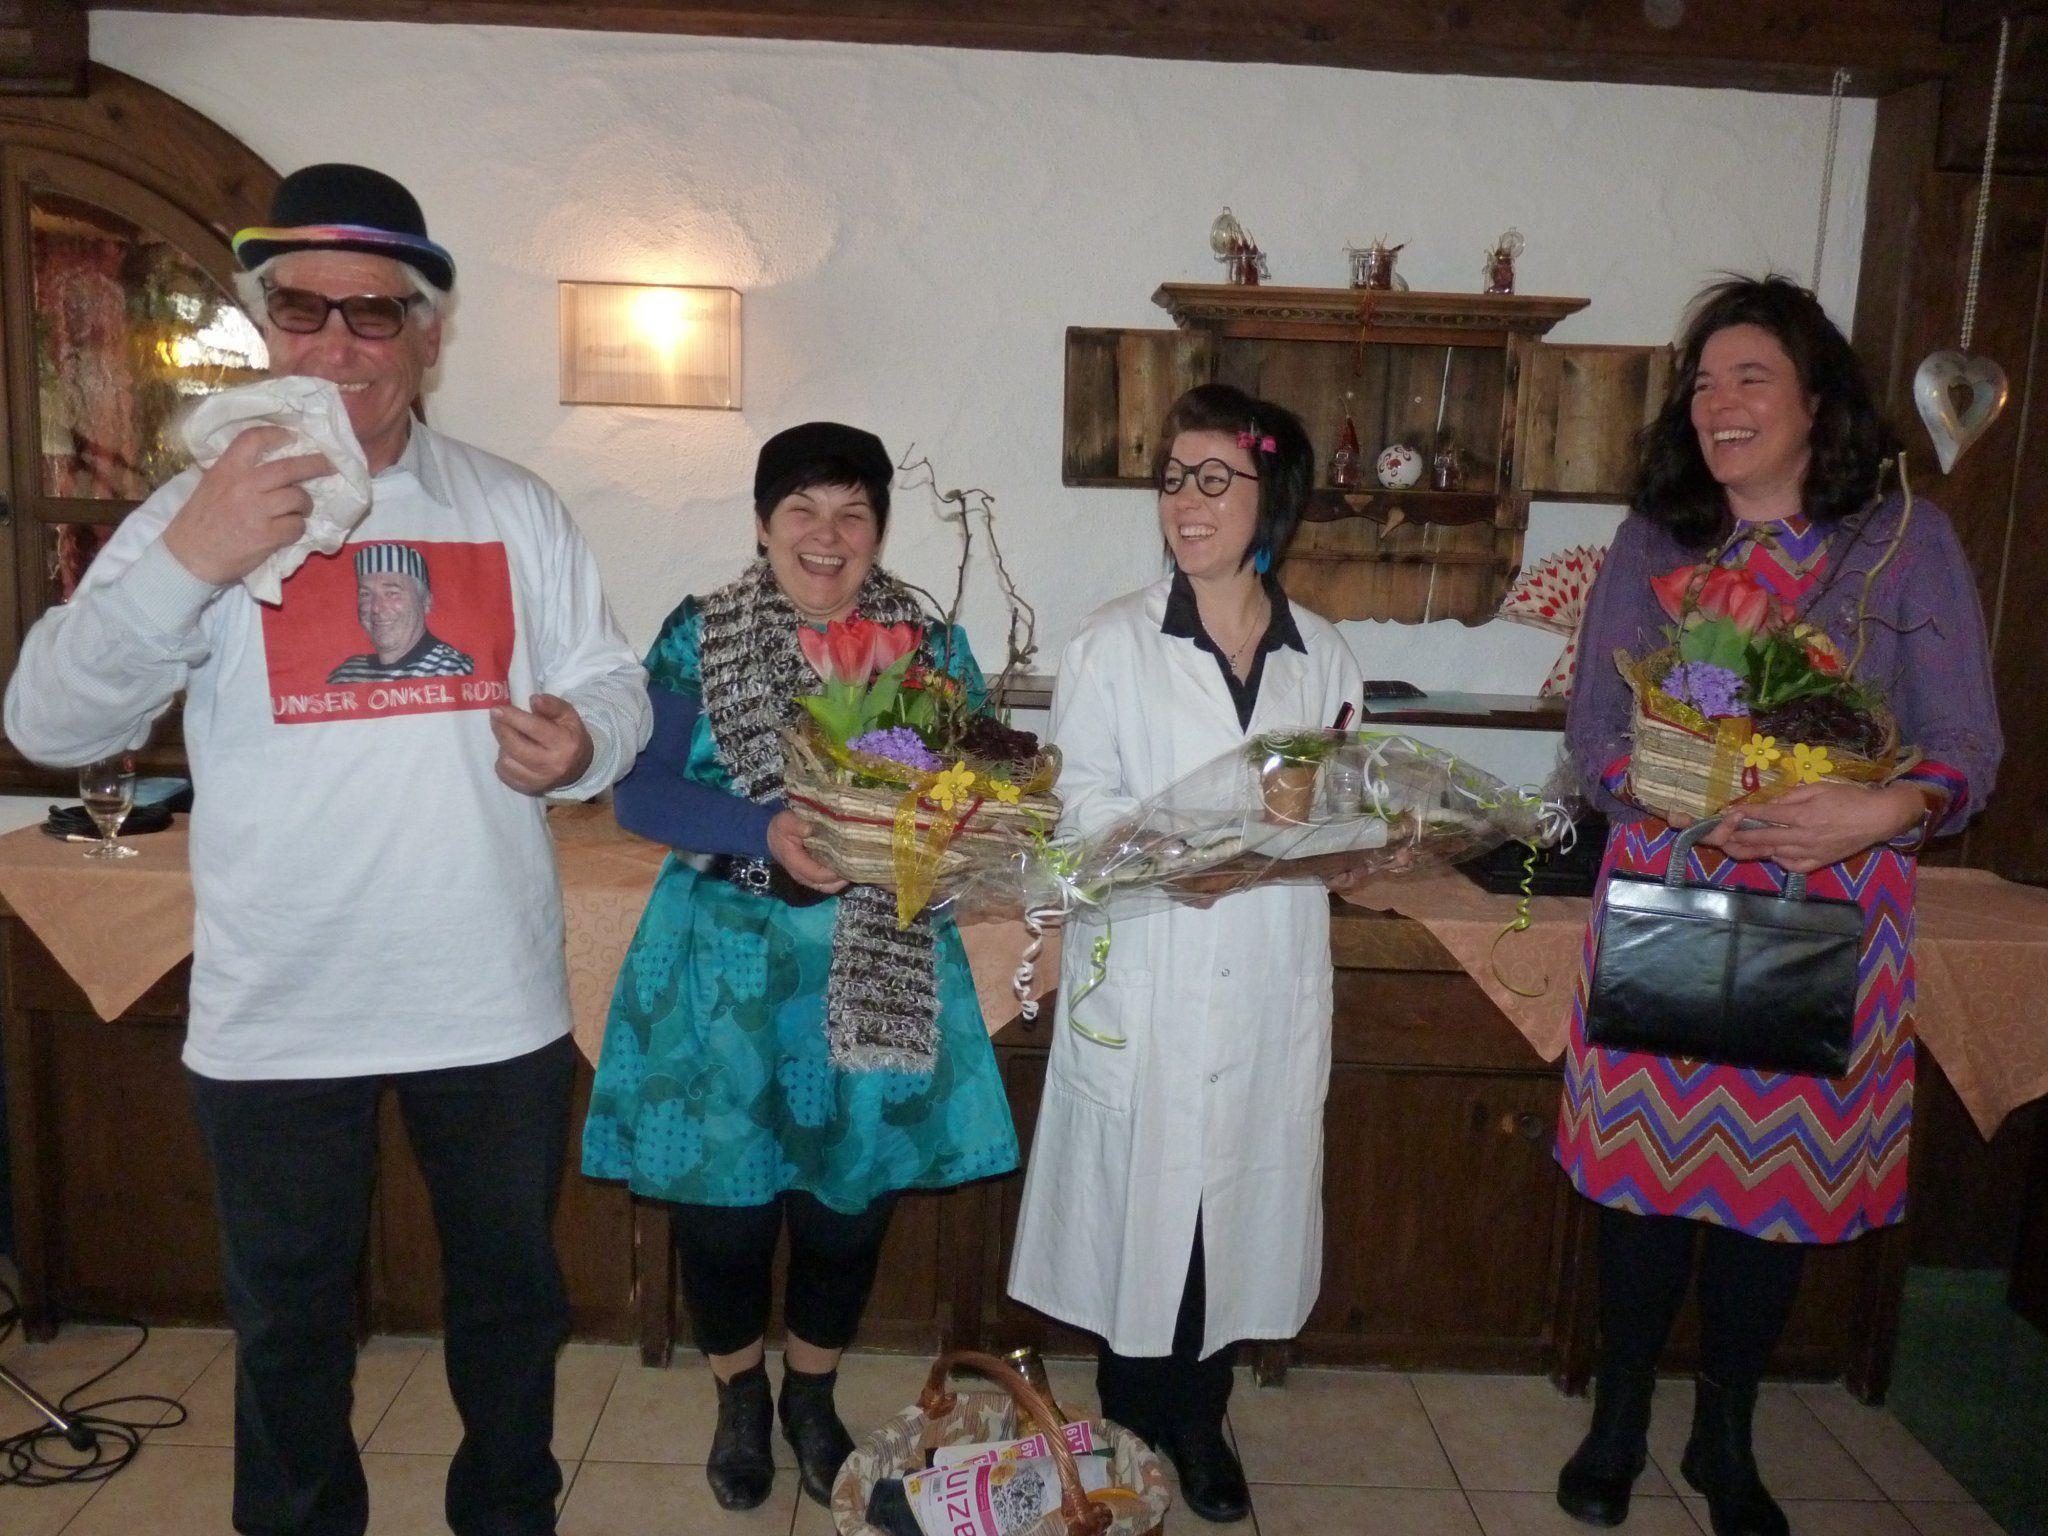 D'Frieda, s'Marile mit Assistentin Barbara und der freuten sich Obmann über den humorvollen Beitrag.